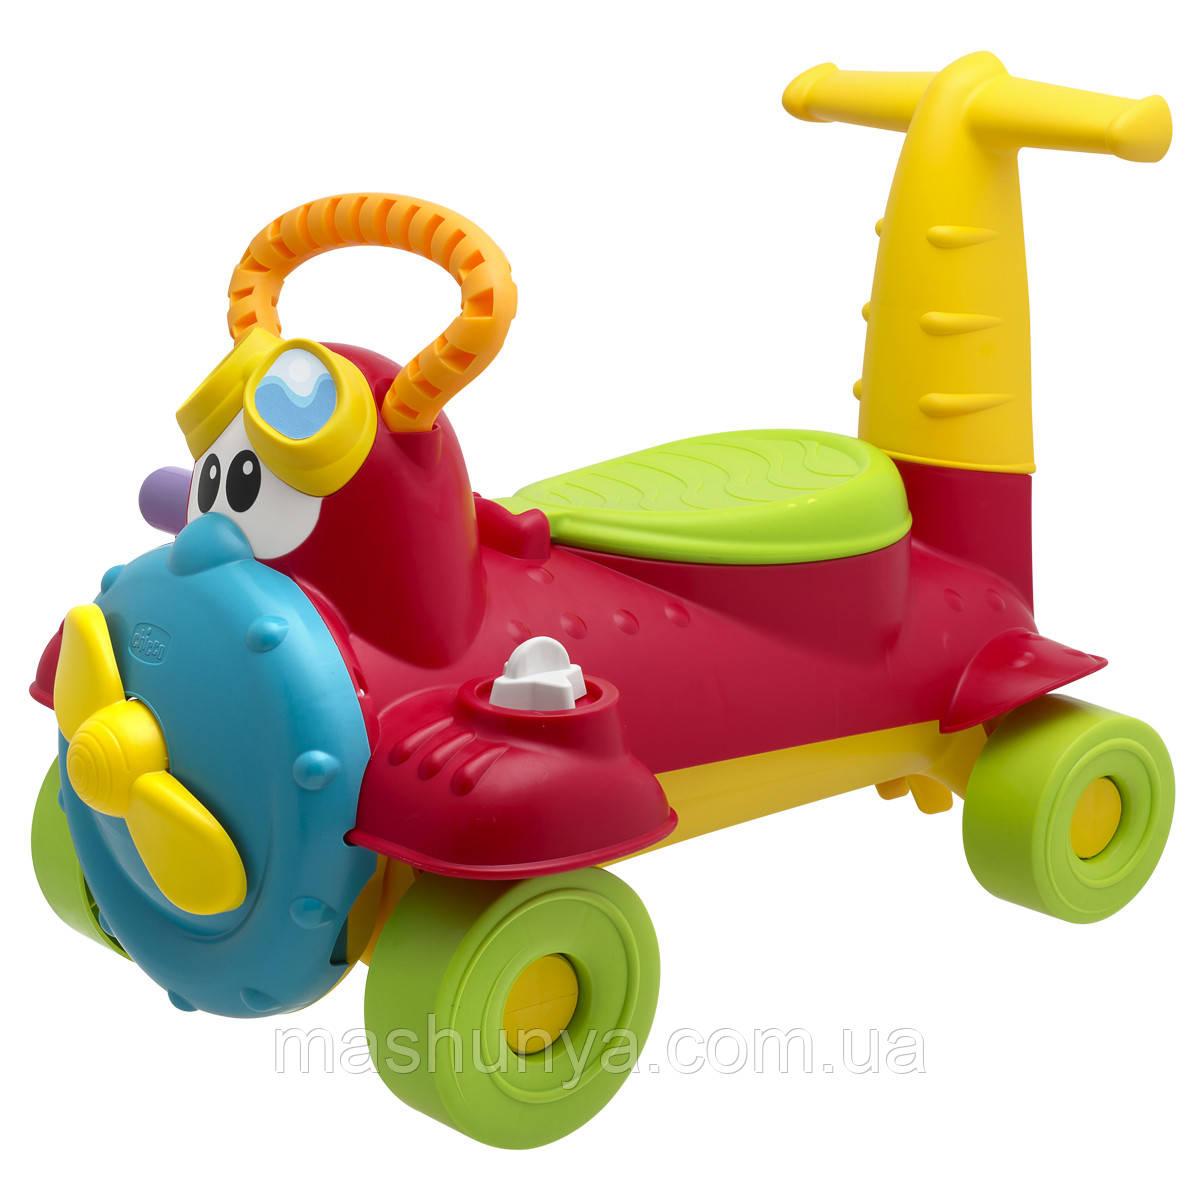 Каталка детская Chicco Sky Rider 05235.00